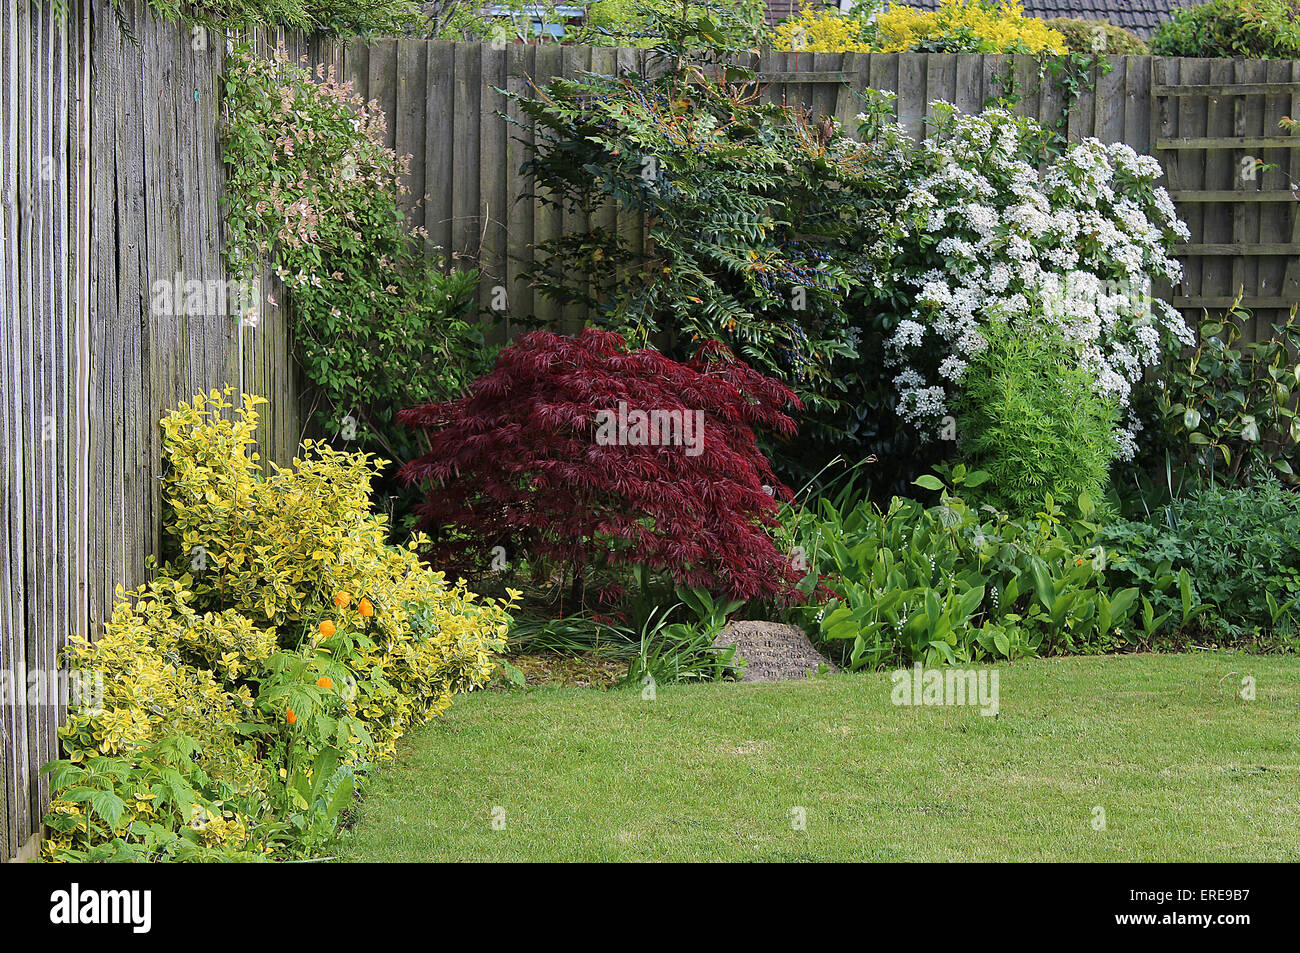 Inghilterra dorset fiori da giardino attraente angolo di un